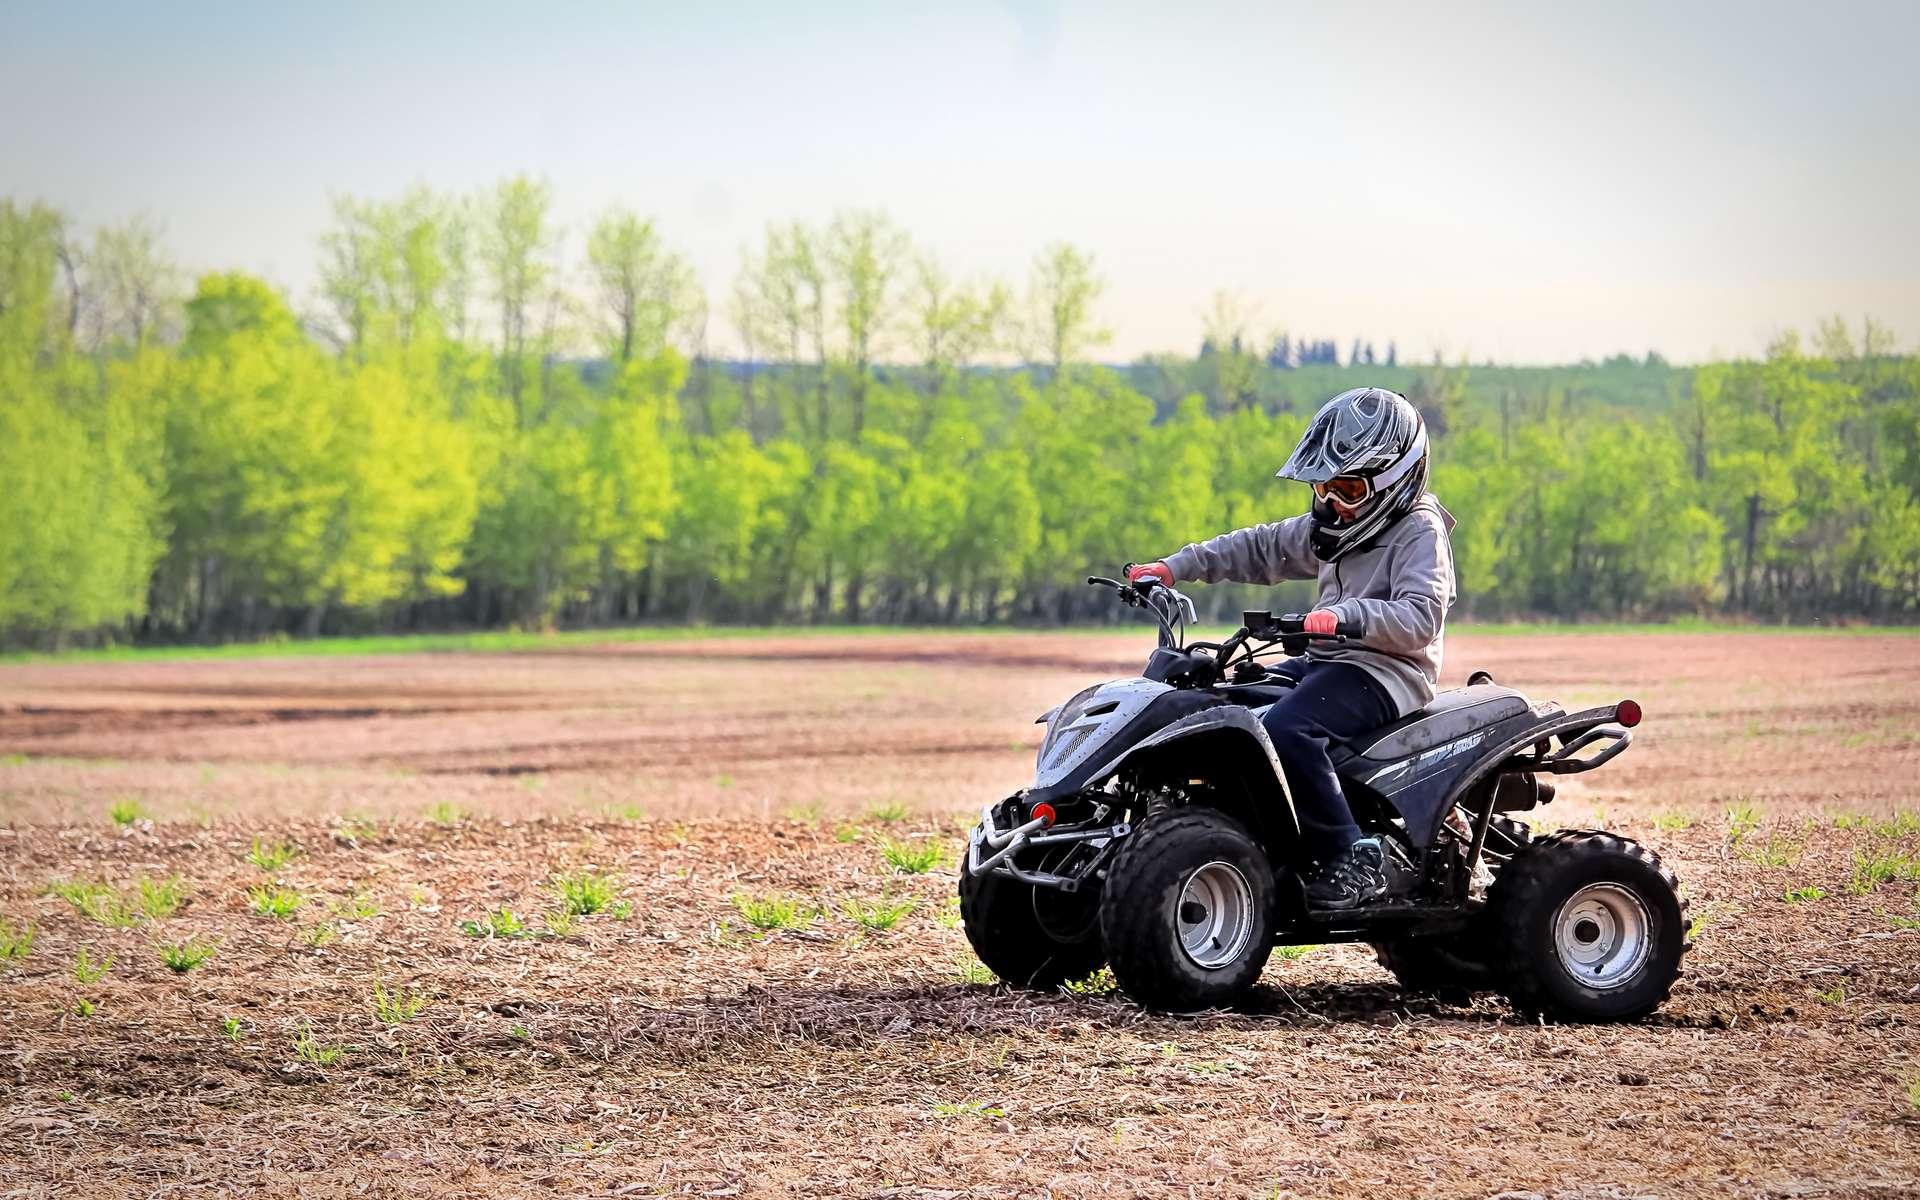 Certains quads électriques pour enfant peuvent être équipés d'un limiteur de vitesse. © Amelia, Adobe Stock